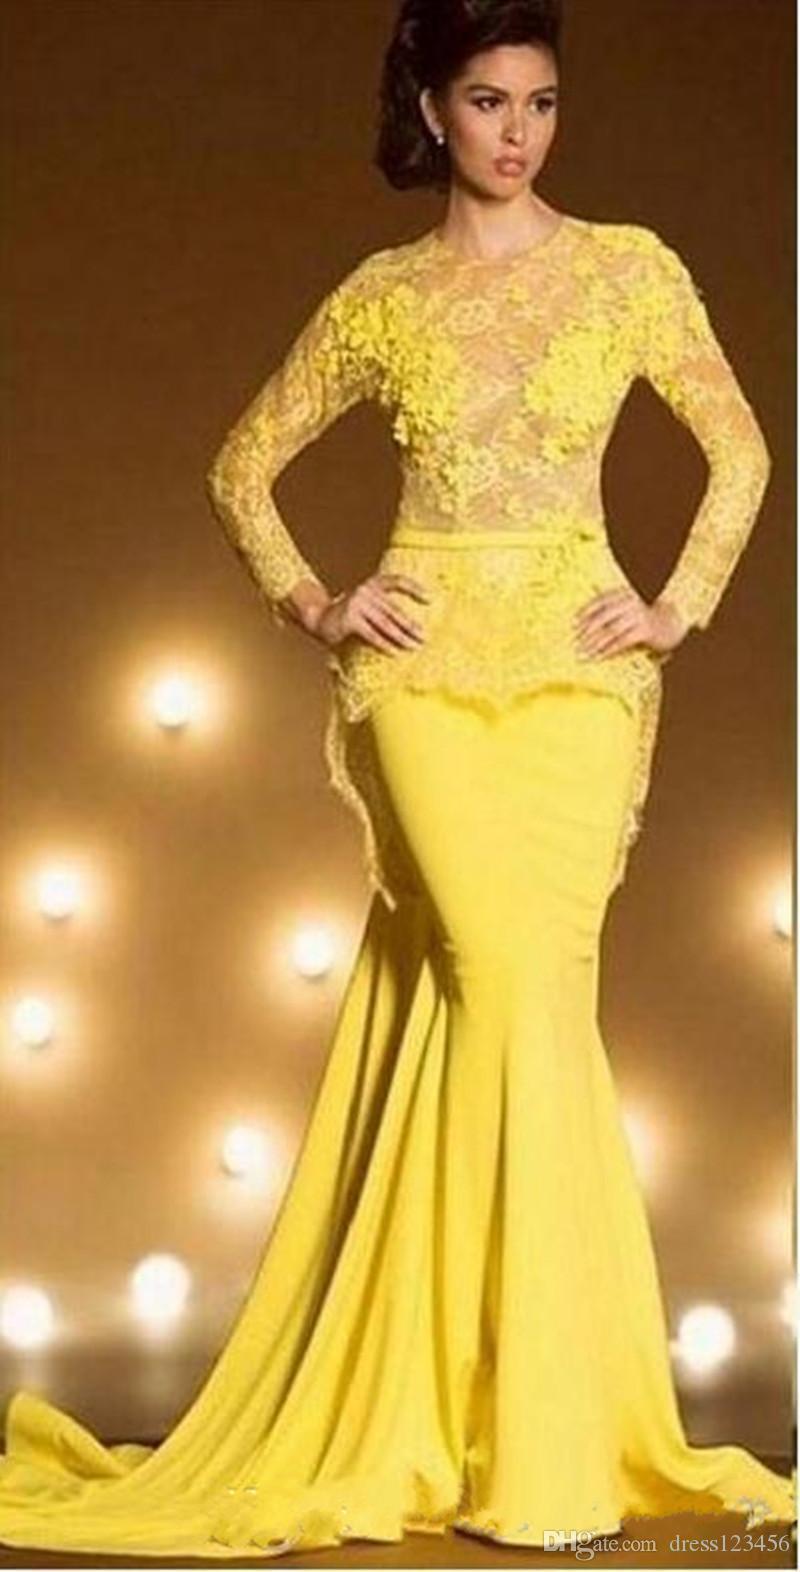 2020 새로운 사우디 아라비아 두바이 공주 우아한 이브닝 드레스 섹시한 노란색 정장 댄스 파티 드레스 카프 탄 레이스 긴 소매 가운 데 야회